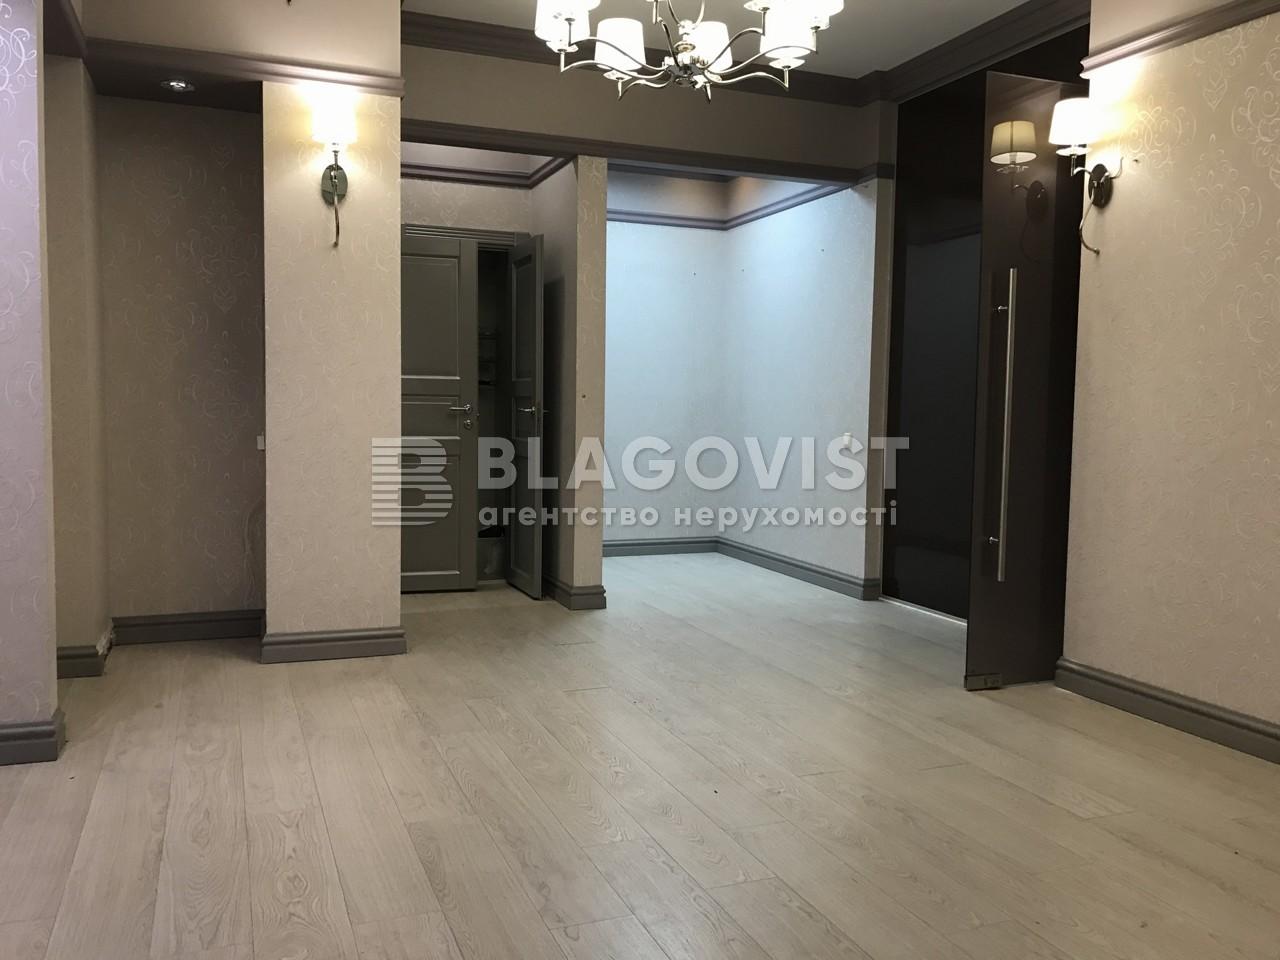 Нежитлове приміщення, A-112120, Чавдар Єлизавети, Київ - Фото 15